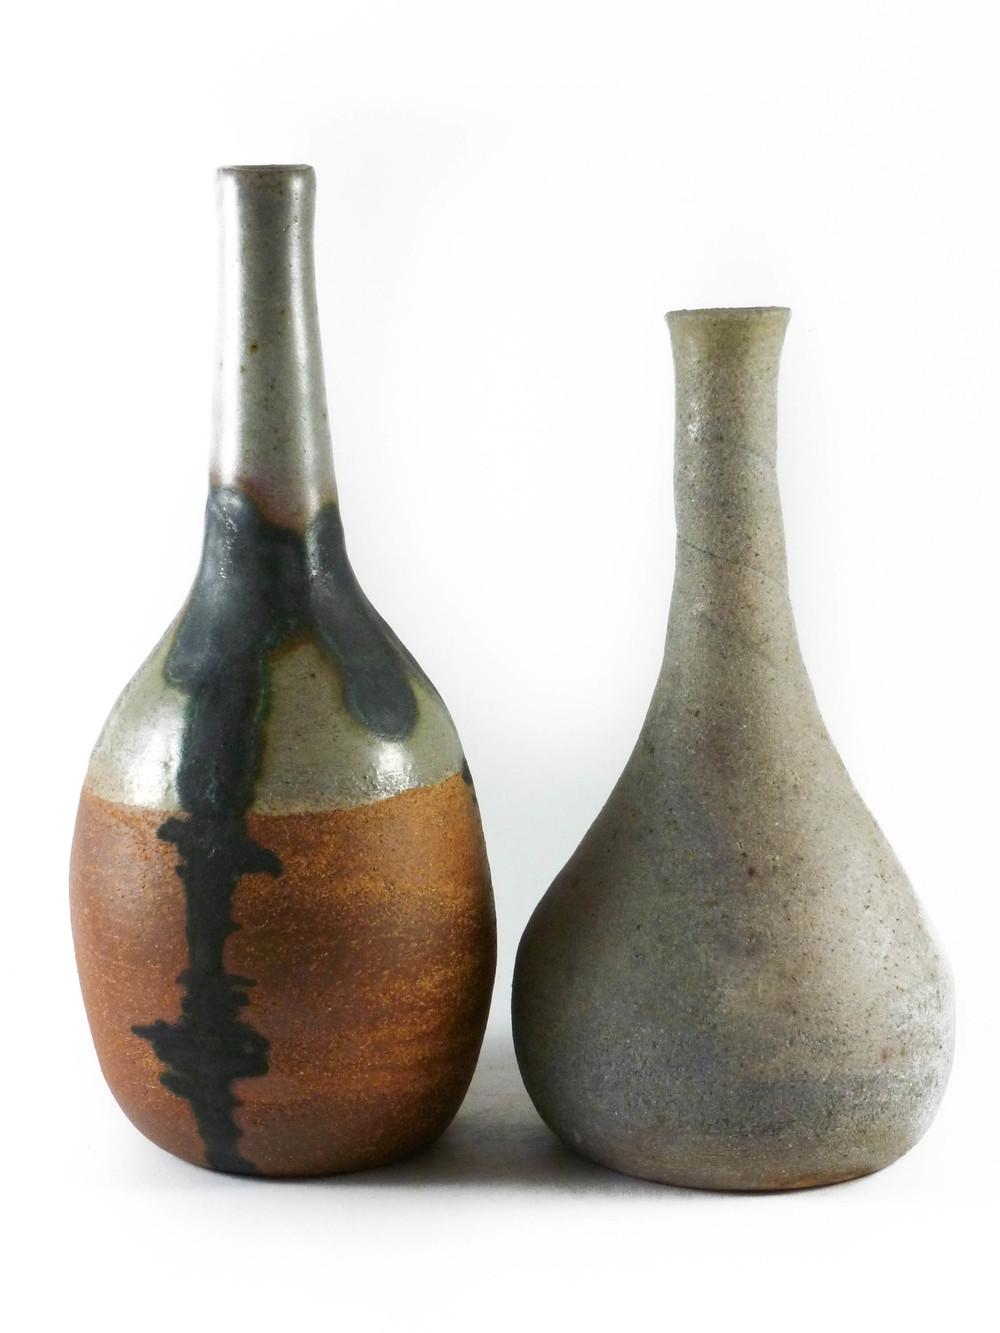 Bottles 09-02 & 09-04